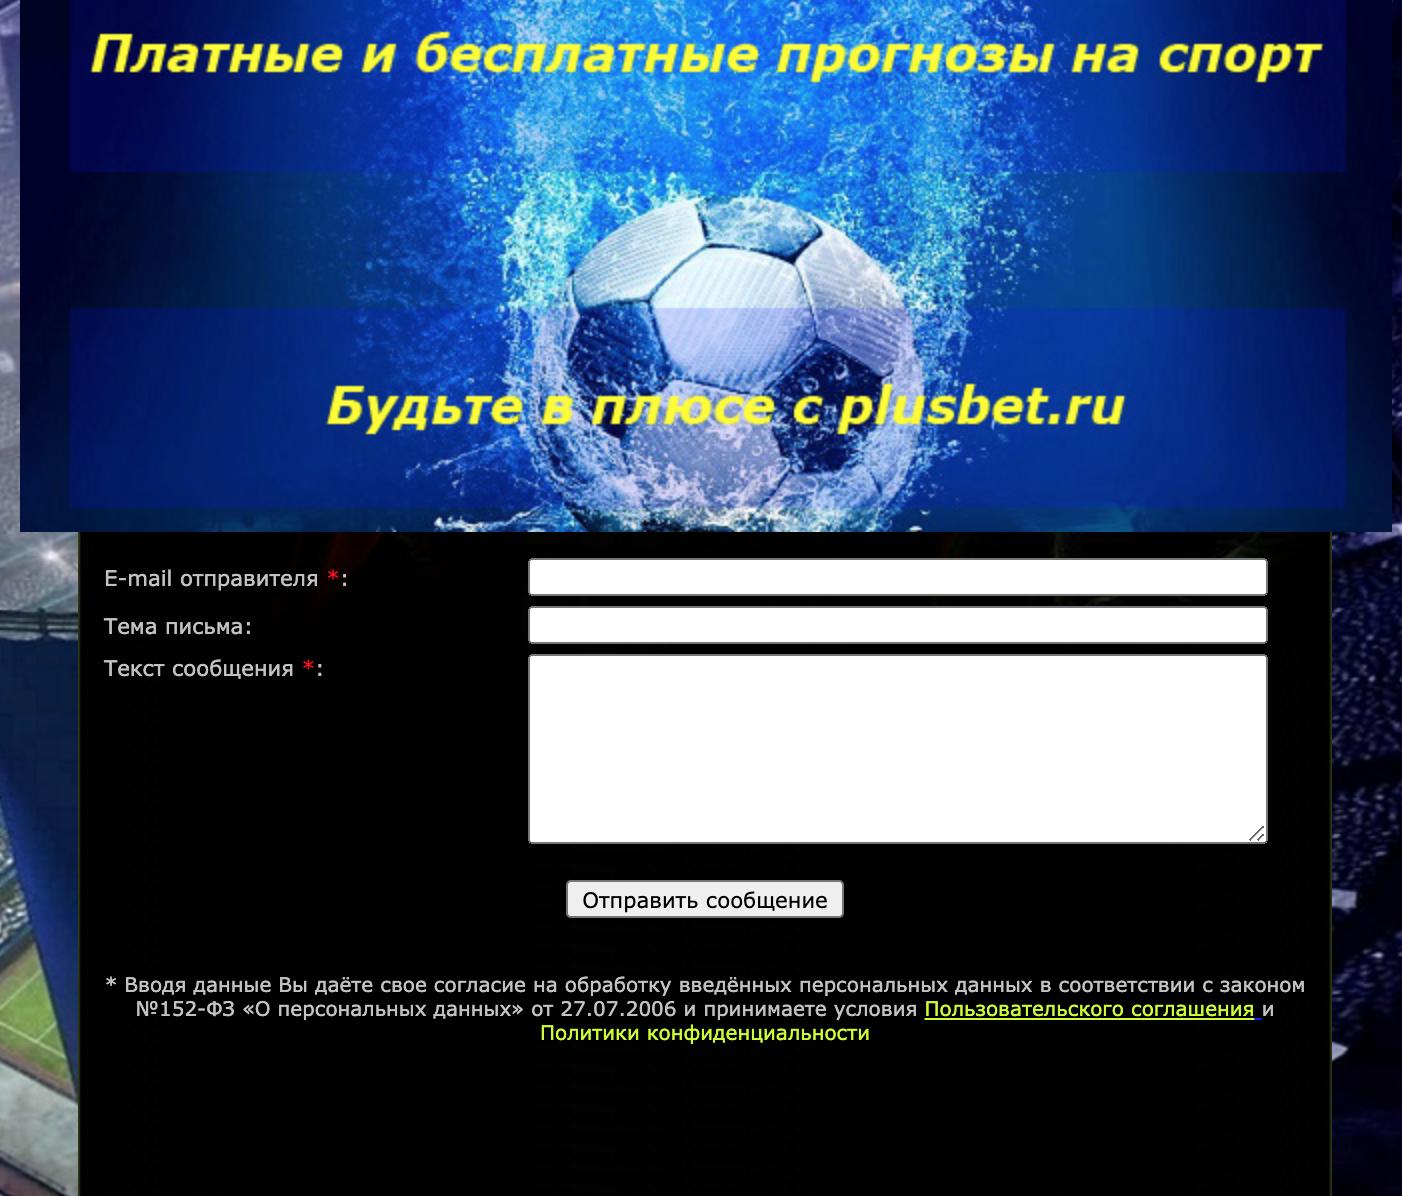 Обратная связь plusbet.ru